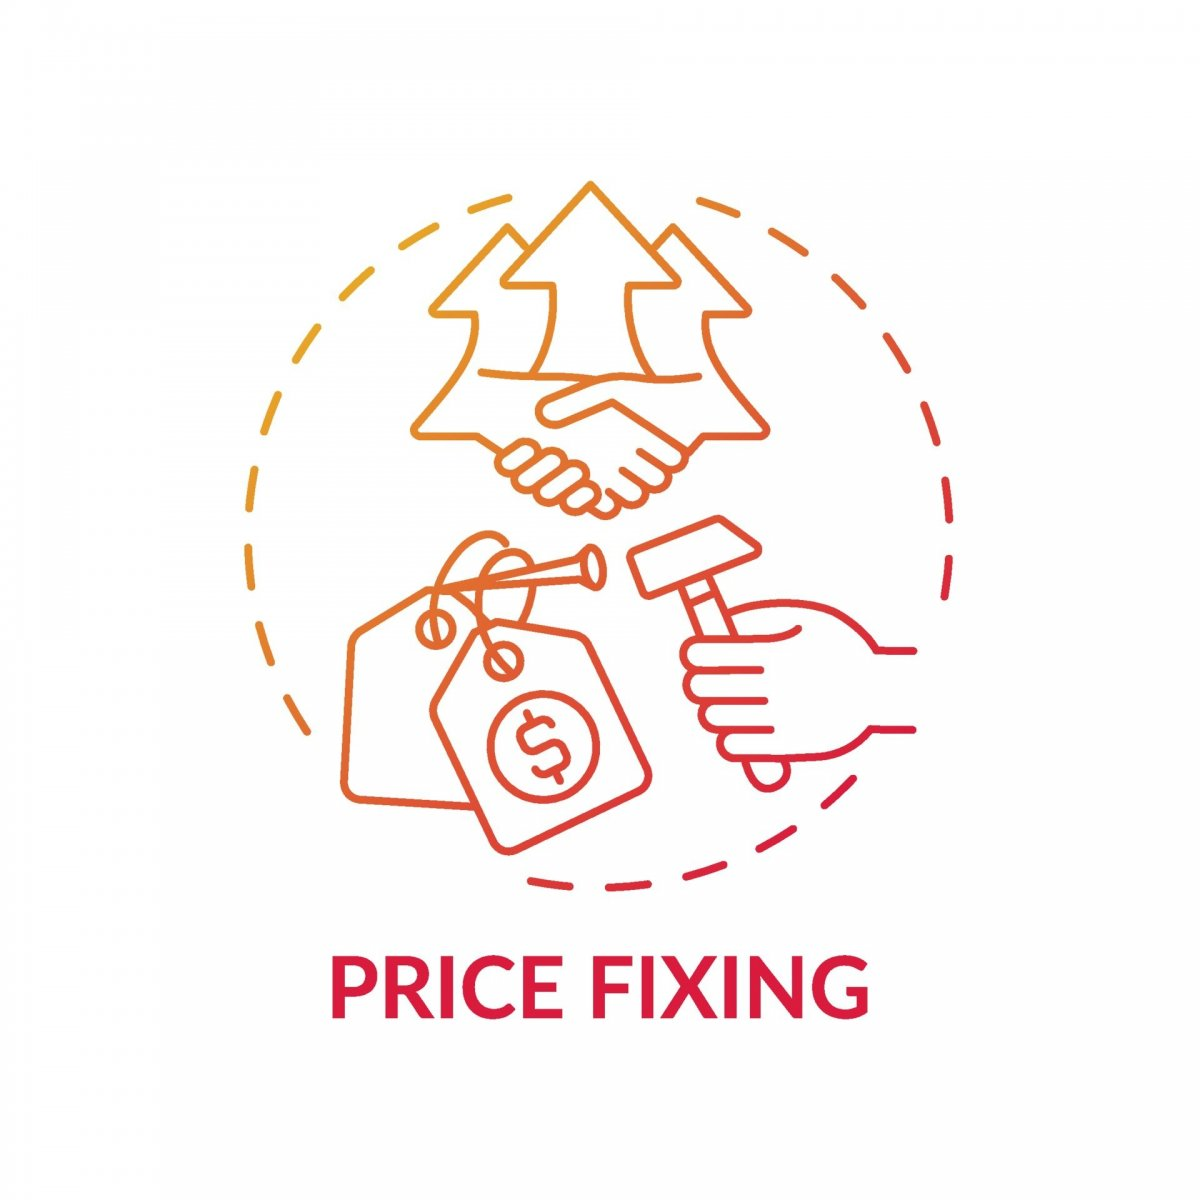 price-fixing-concept-icon-vector.jpg